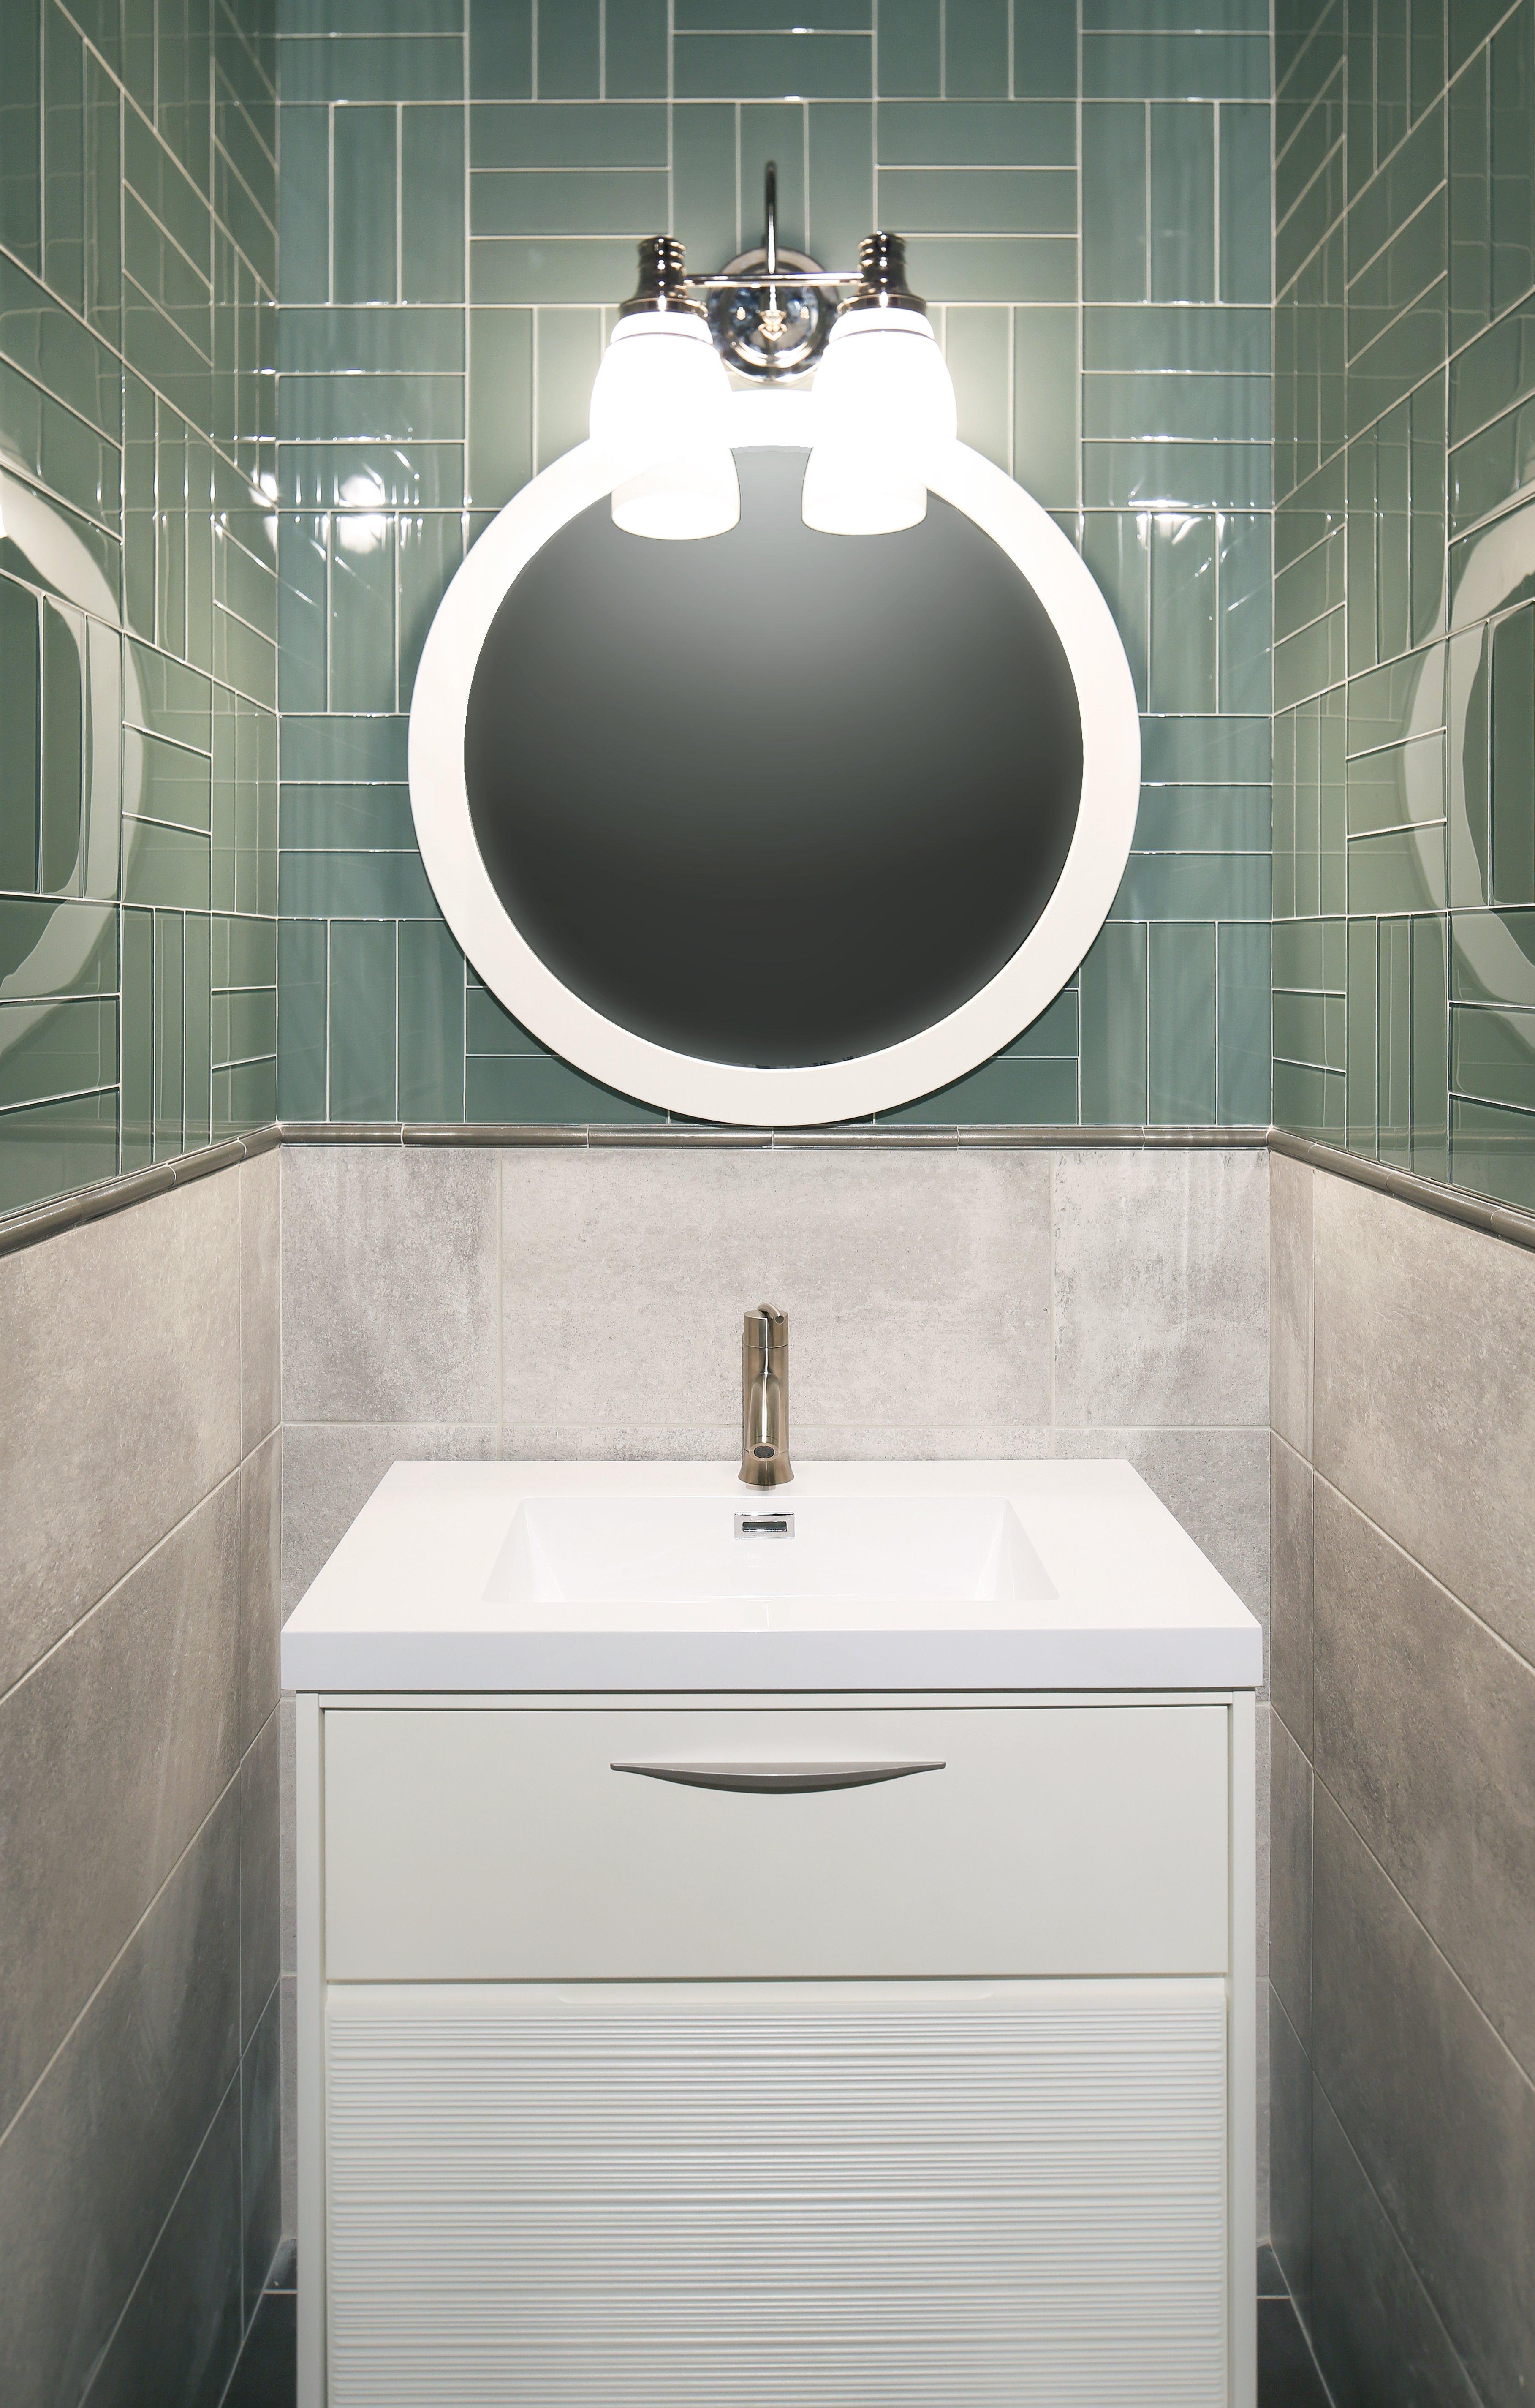 Bathroom Room House Designerraleigh kitchen cabinets